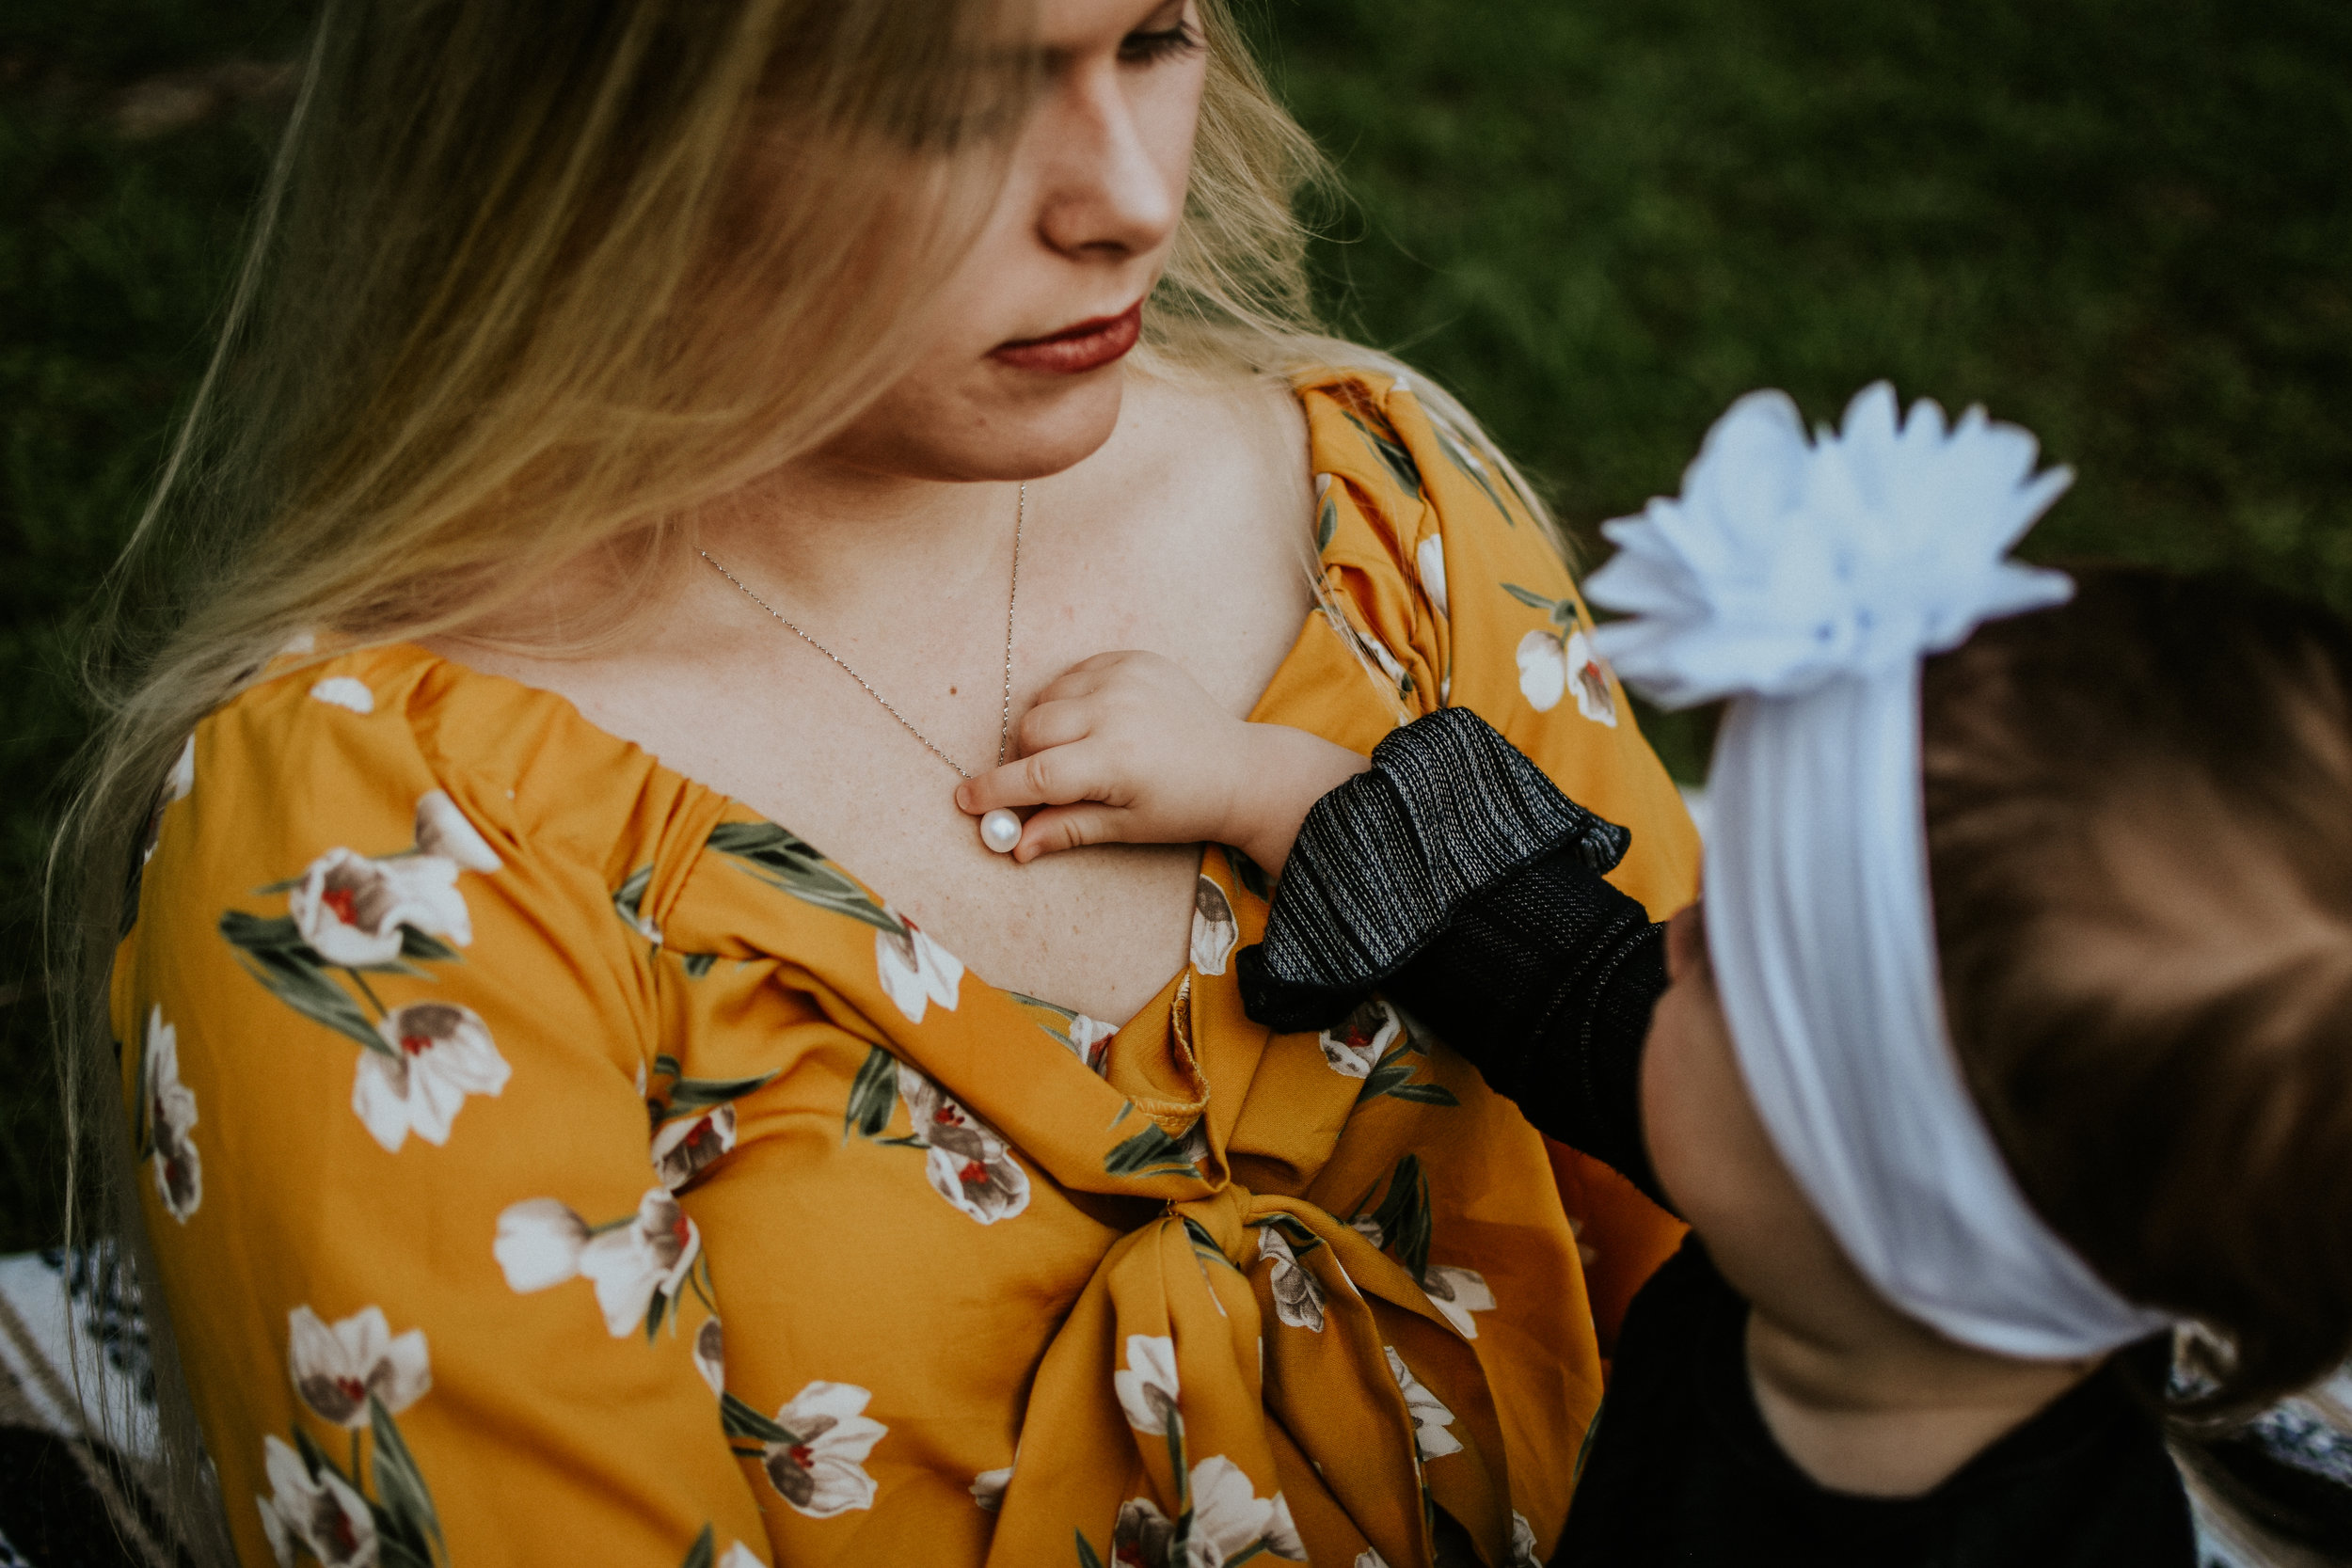 CrestviewFloridaLifestylePhotographer-MommyandMeSession-LakeJackson-FloralaAlabama-21.jpg